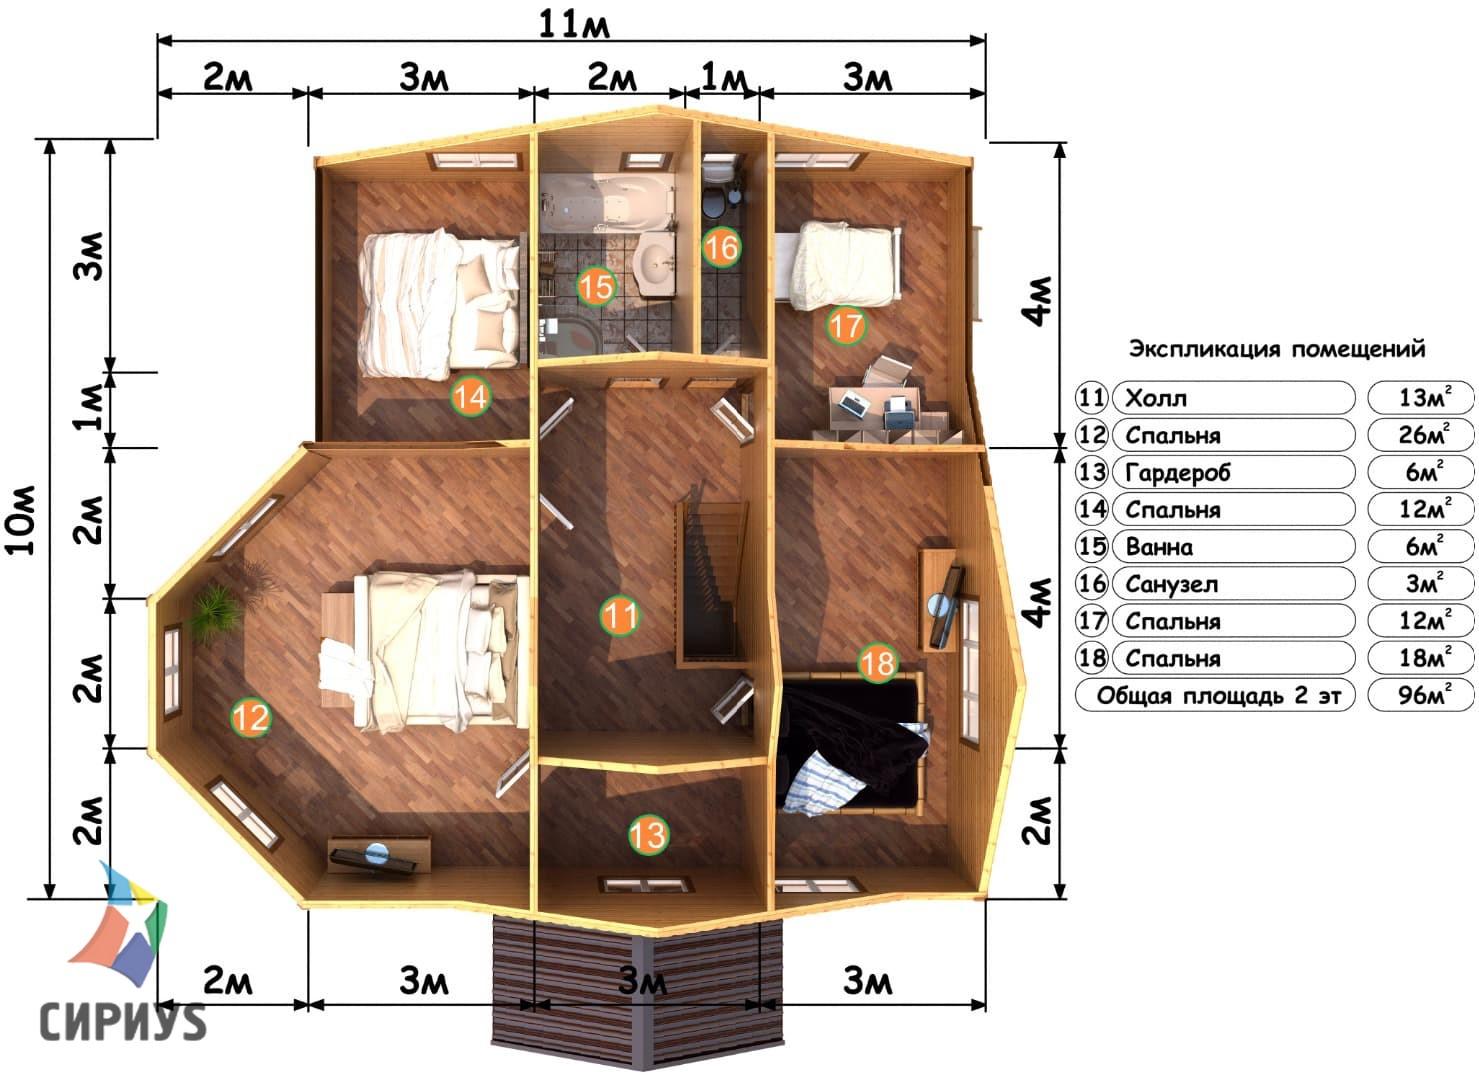 Деревянная баня БСУ-БП 11